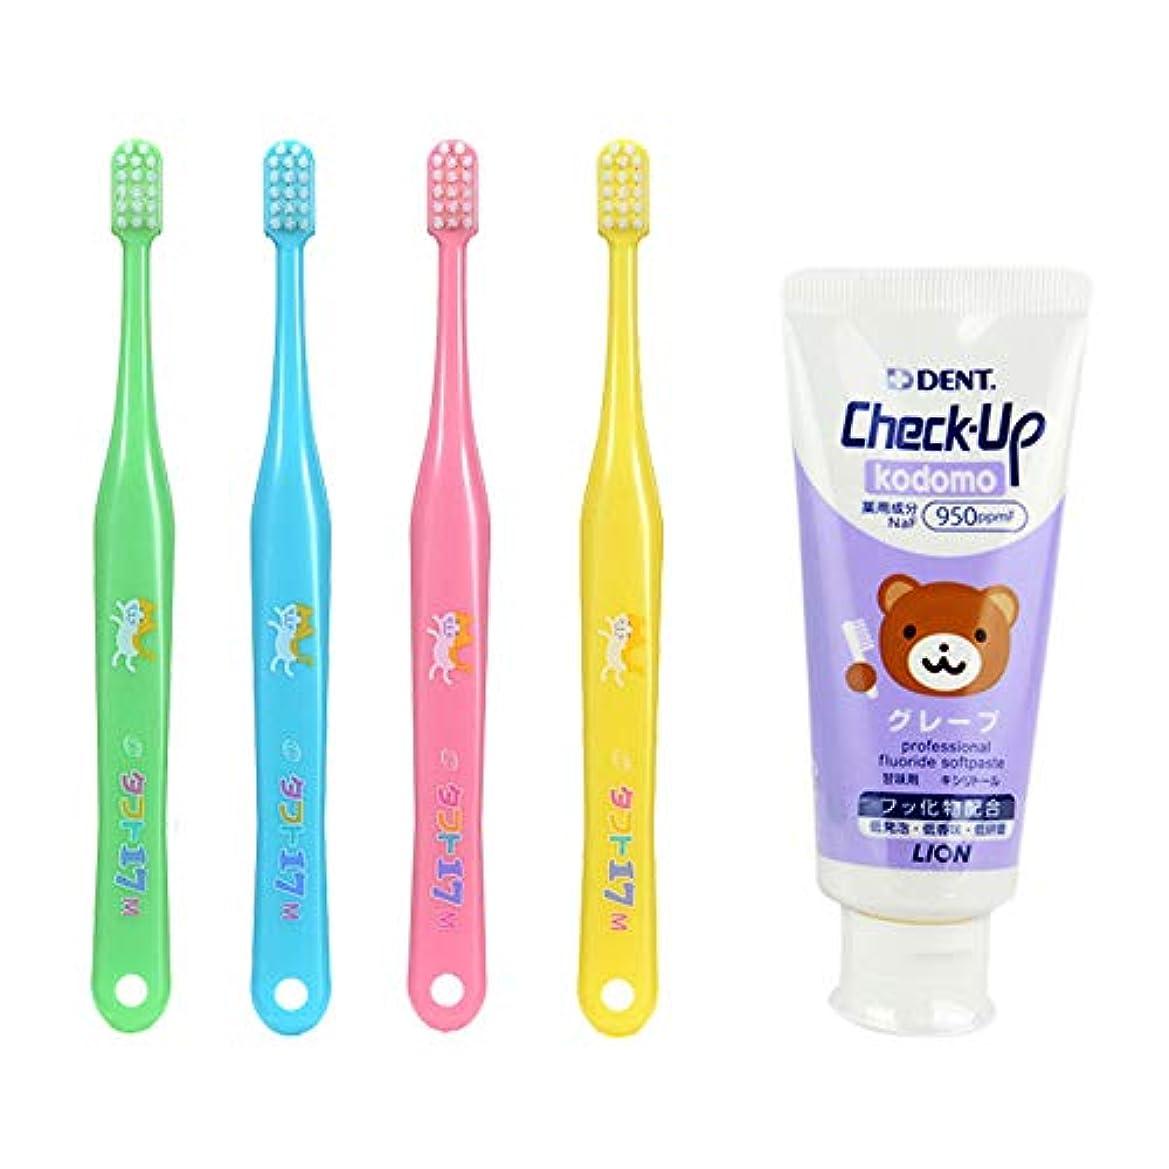 セッションクロス機械タフト17 M(ふつう) 子ども 歯ブラシ 10本 + チェックアップ コドモ 60g (グレープ) 歯磨き粉 歯科専売品